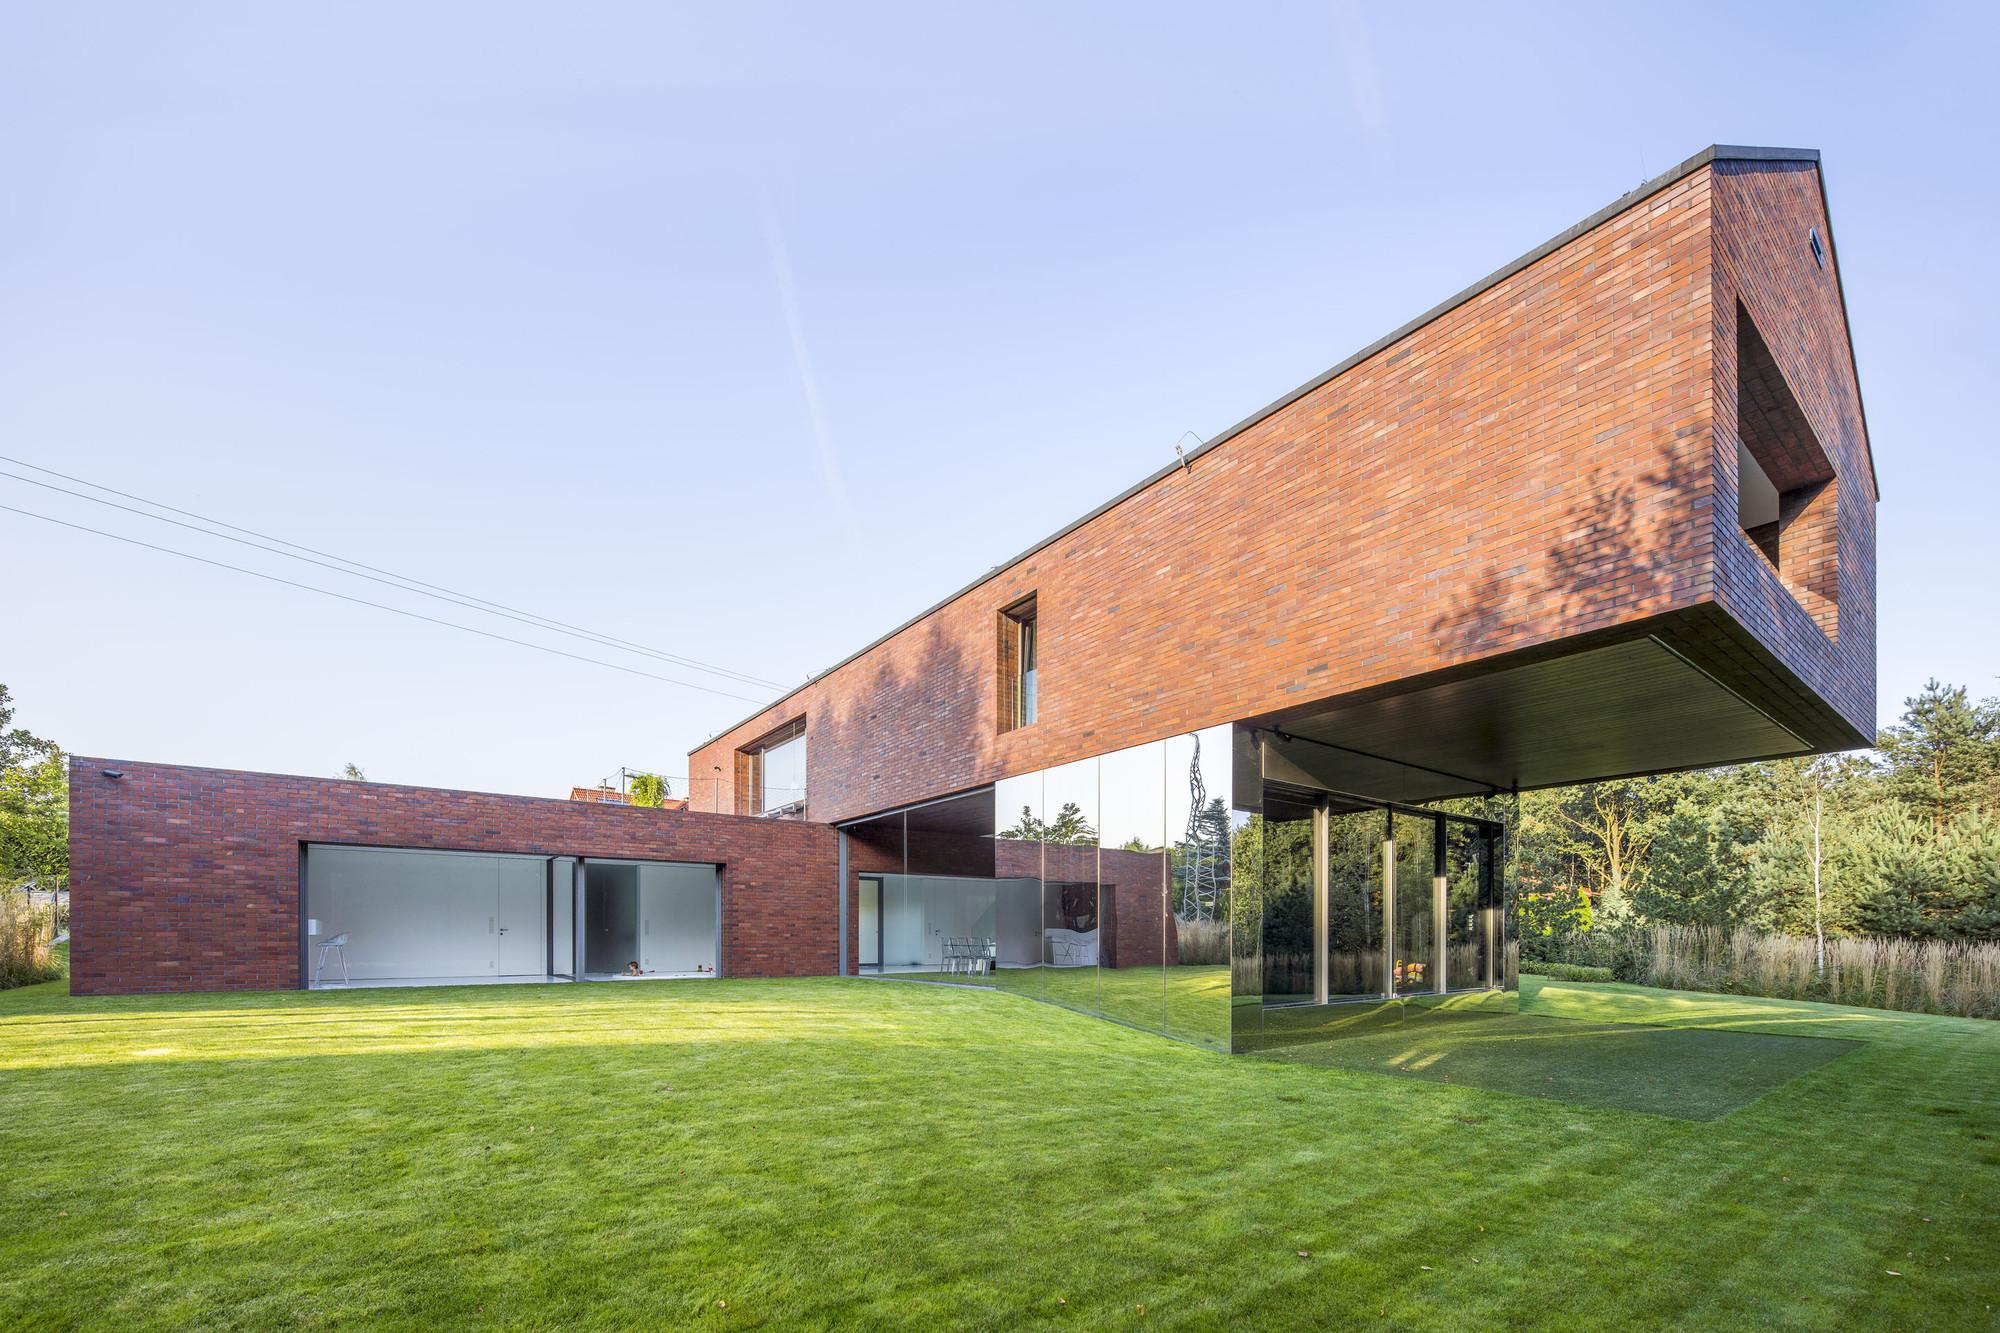 Gravity-defying design of the Living Garden House